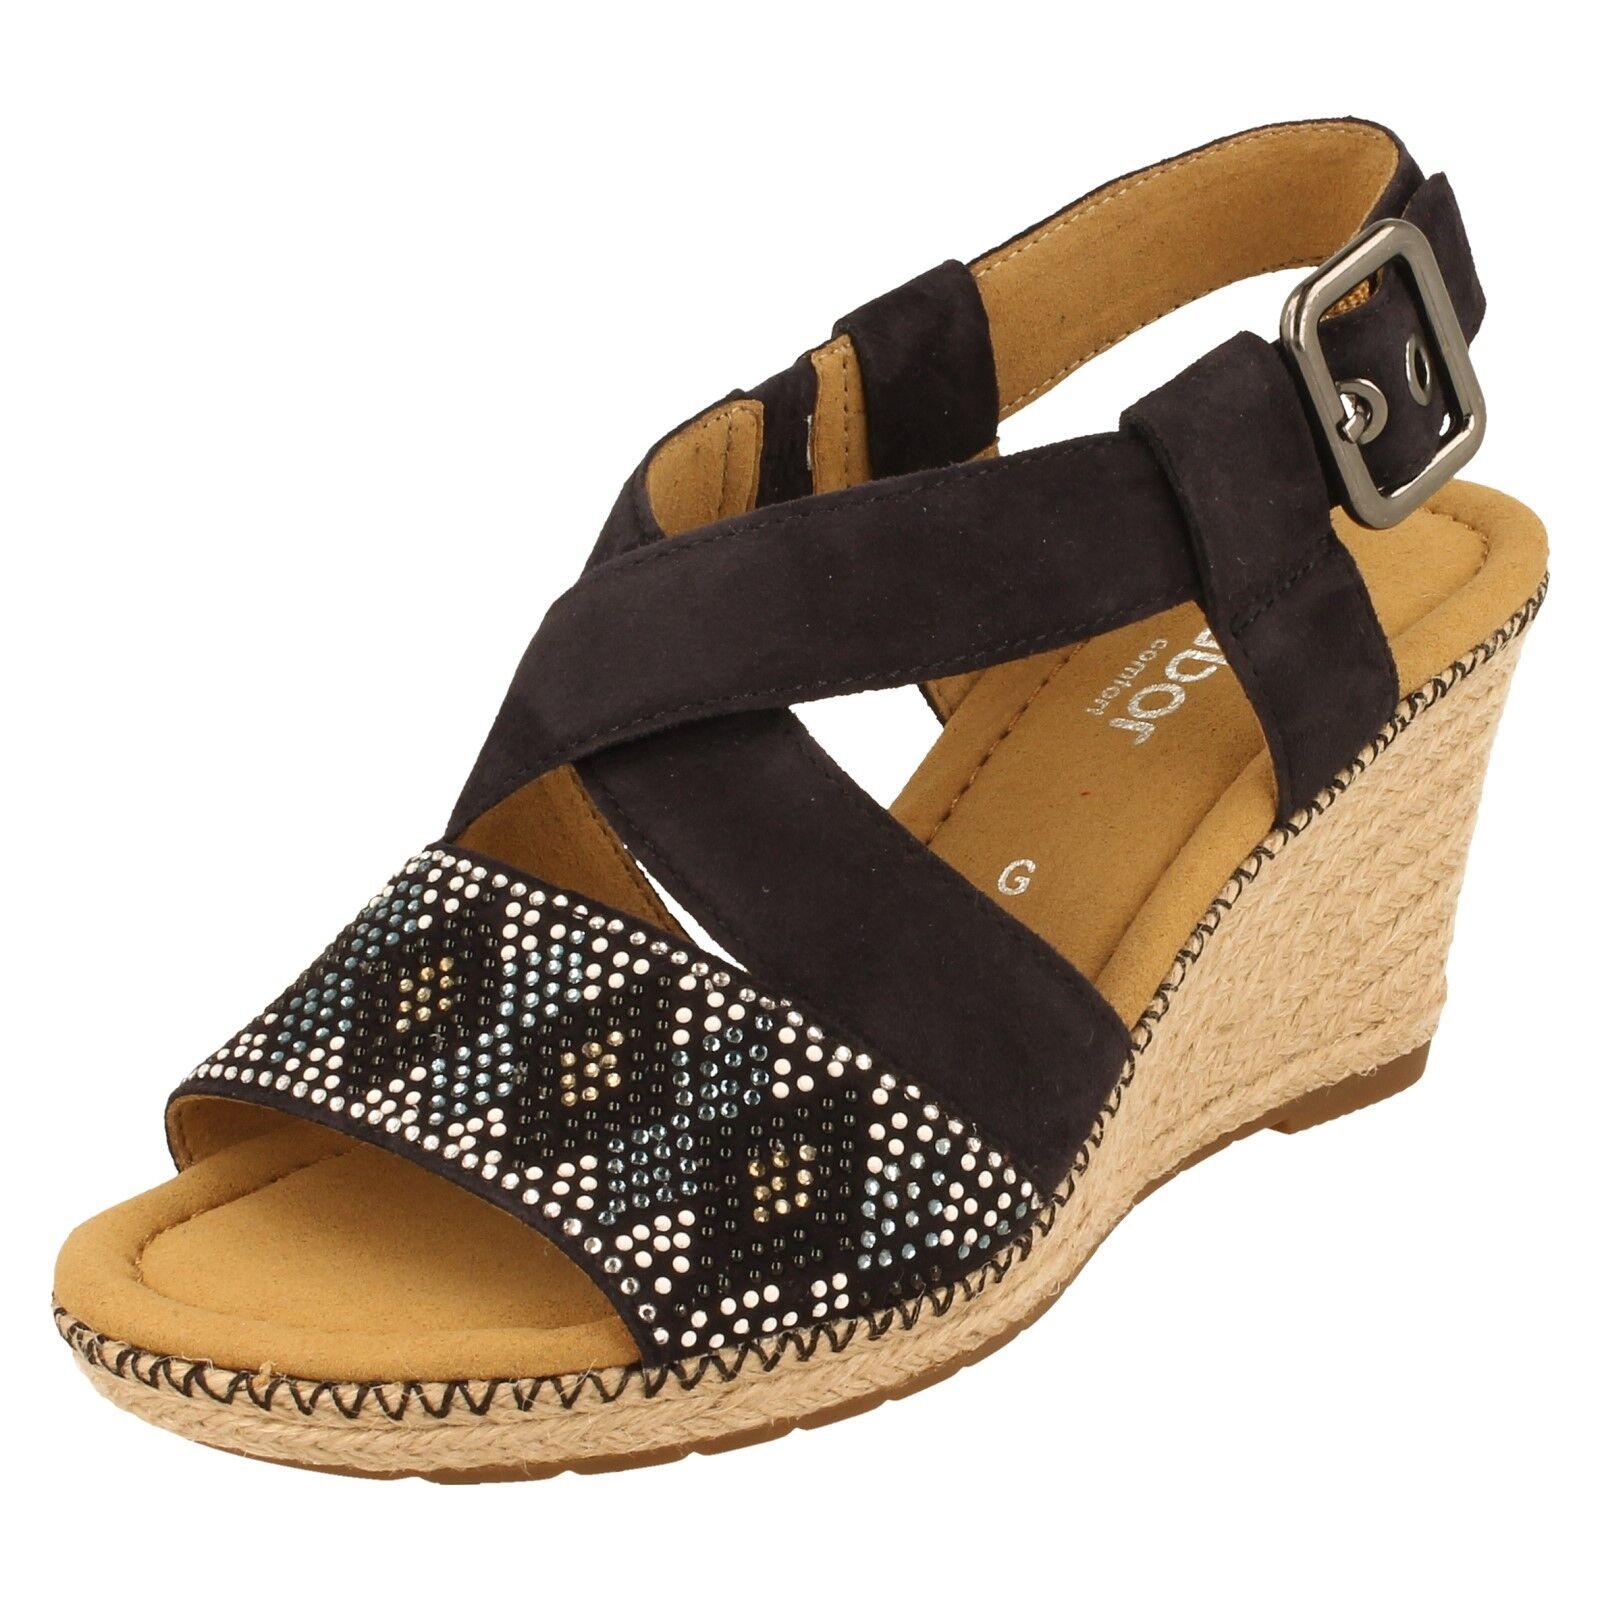 Ladies Gabor Open Toe Suede Sandals - 82.820 Hardwick